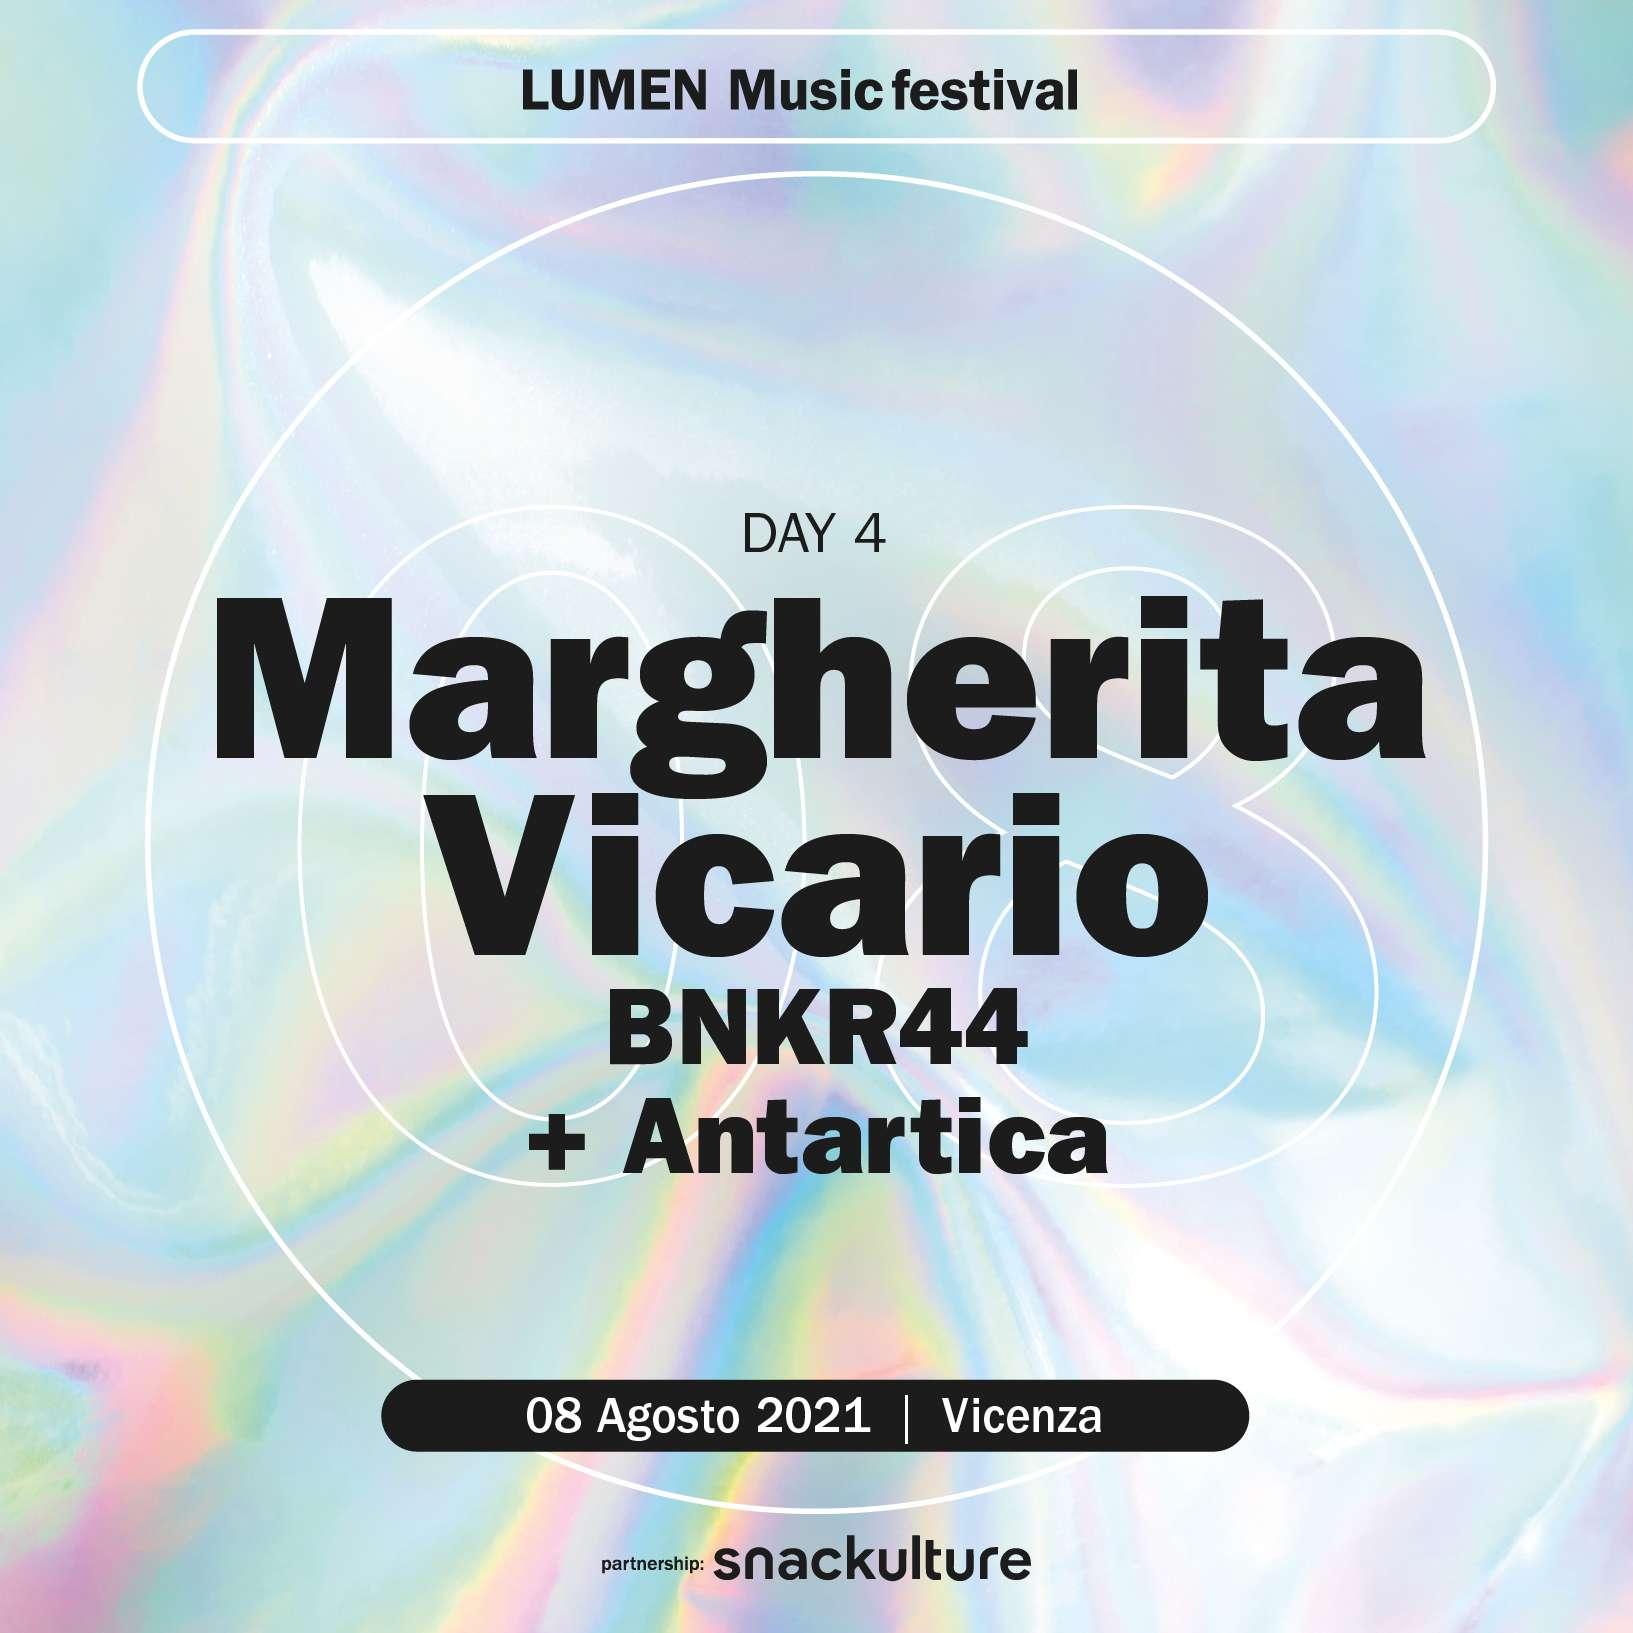 DAY 4 - Lumen Festival 2021 Spark / VI